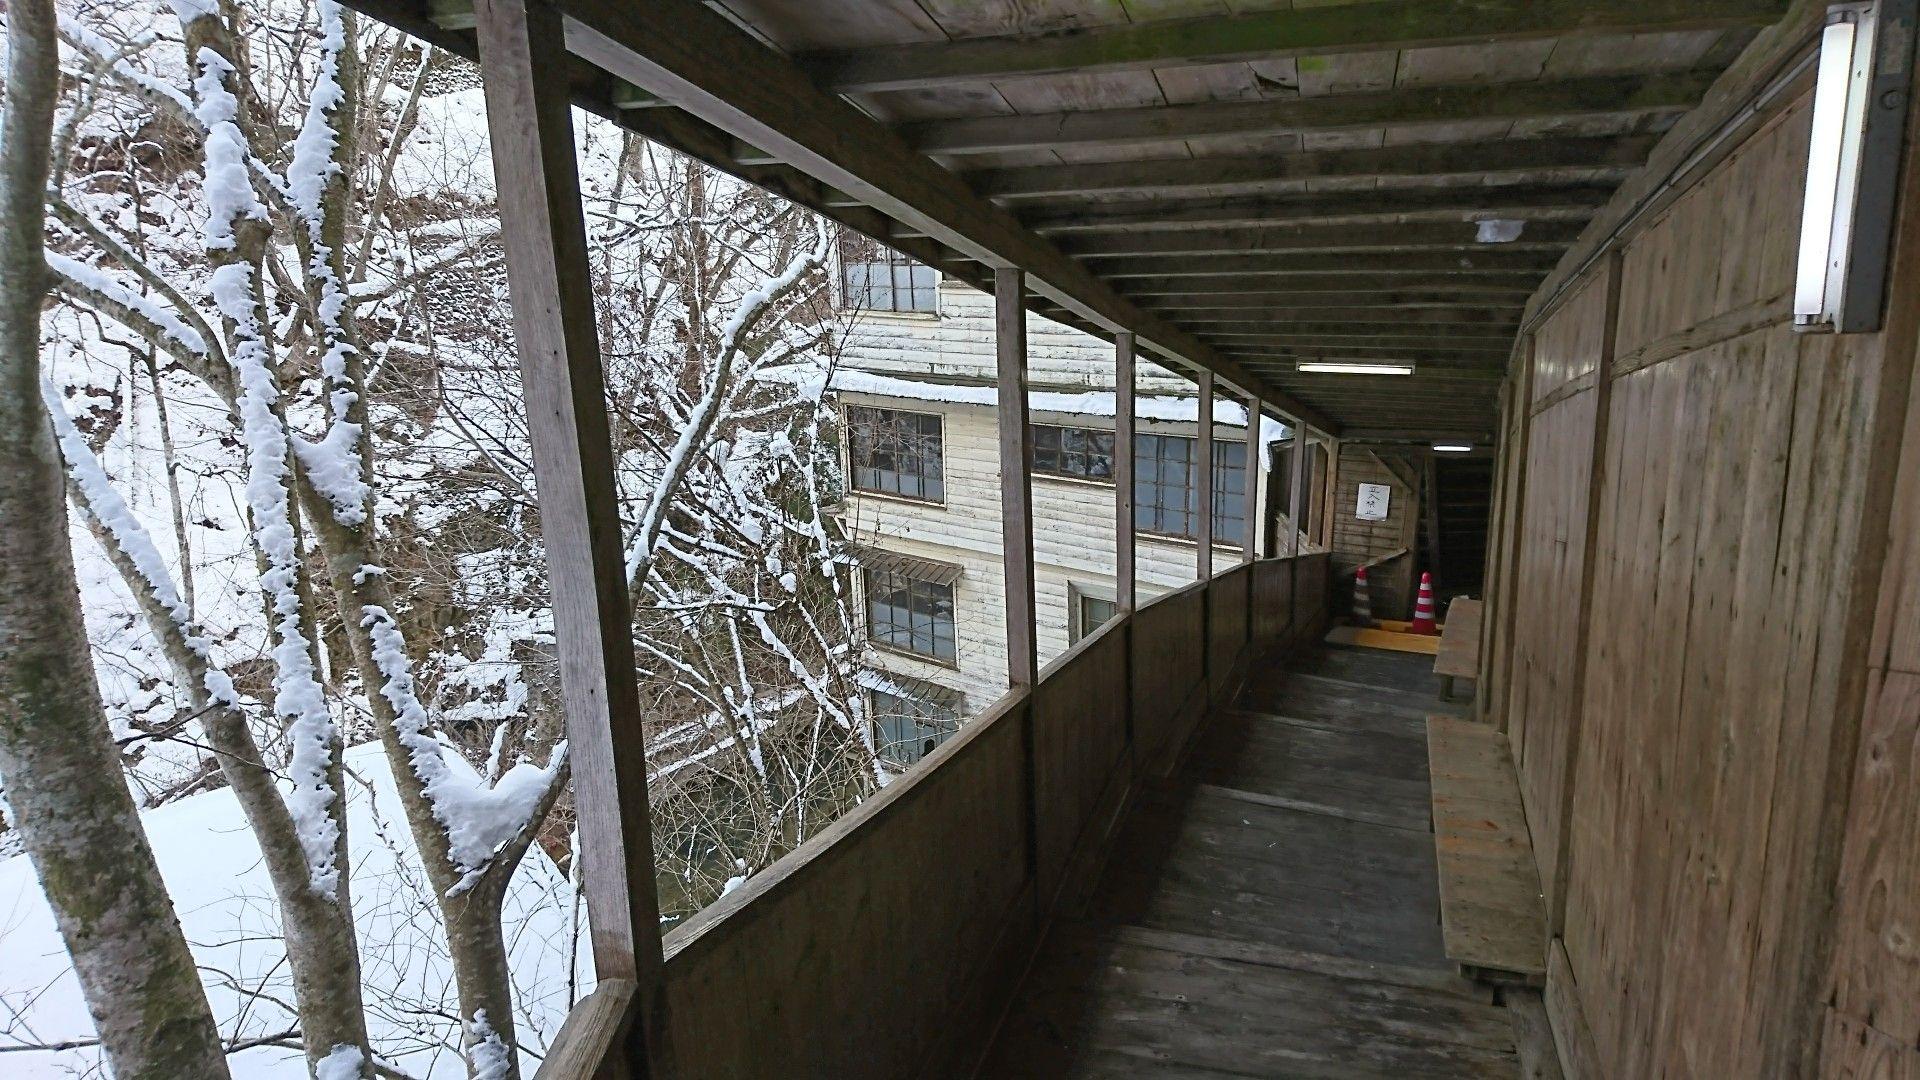 明賀屋本館 天国への階段 冬 天国への階段 階段 温泉